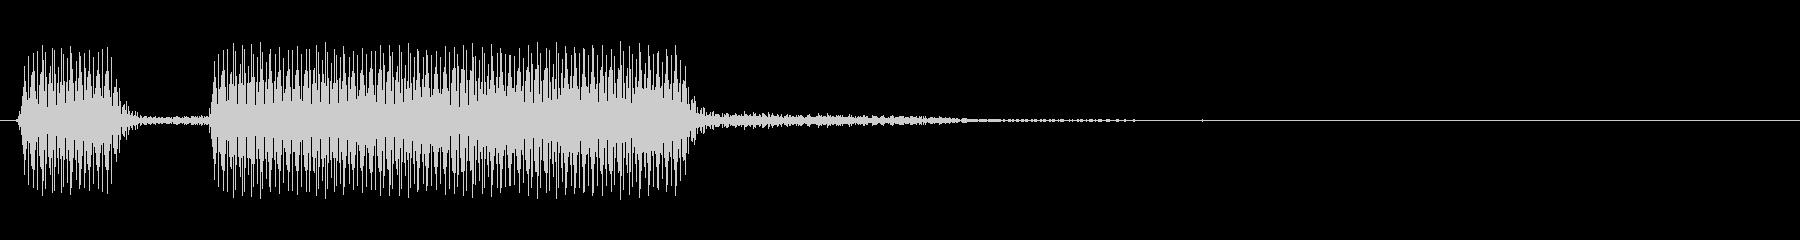 [ブブー] 不正解・エラー_鋸Mix 3の未再生の波形